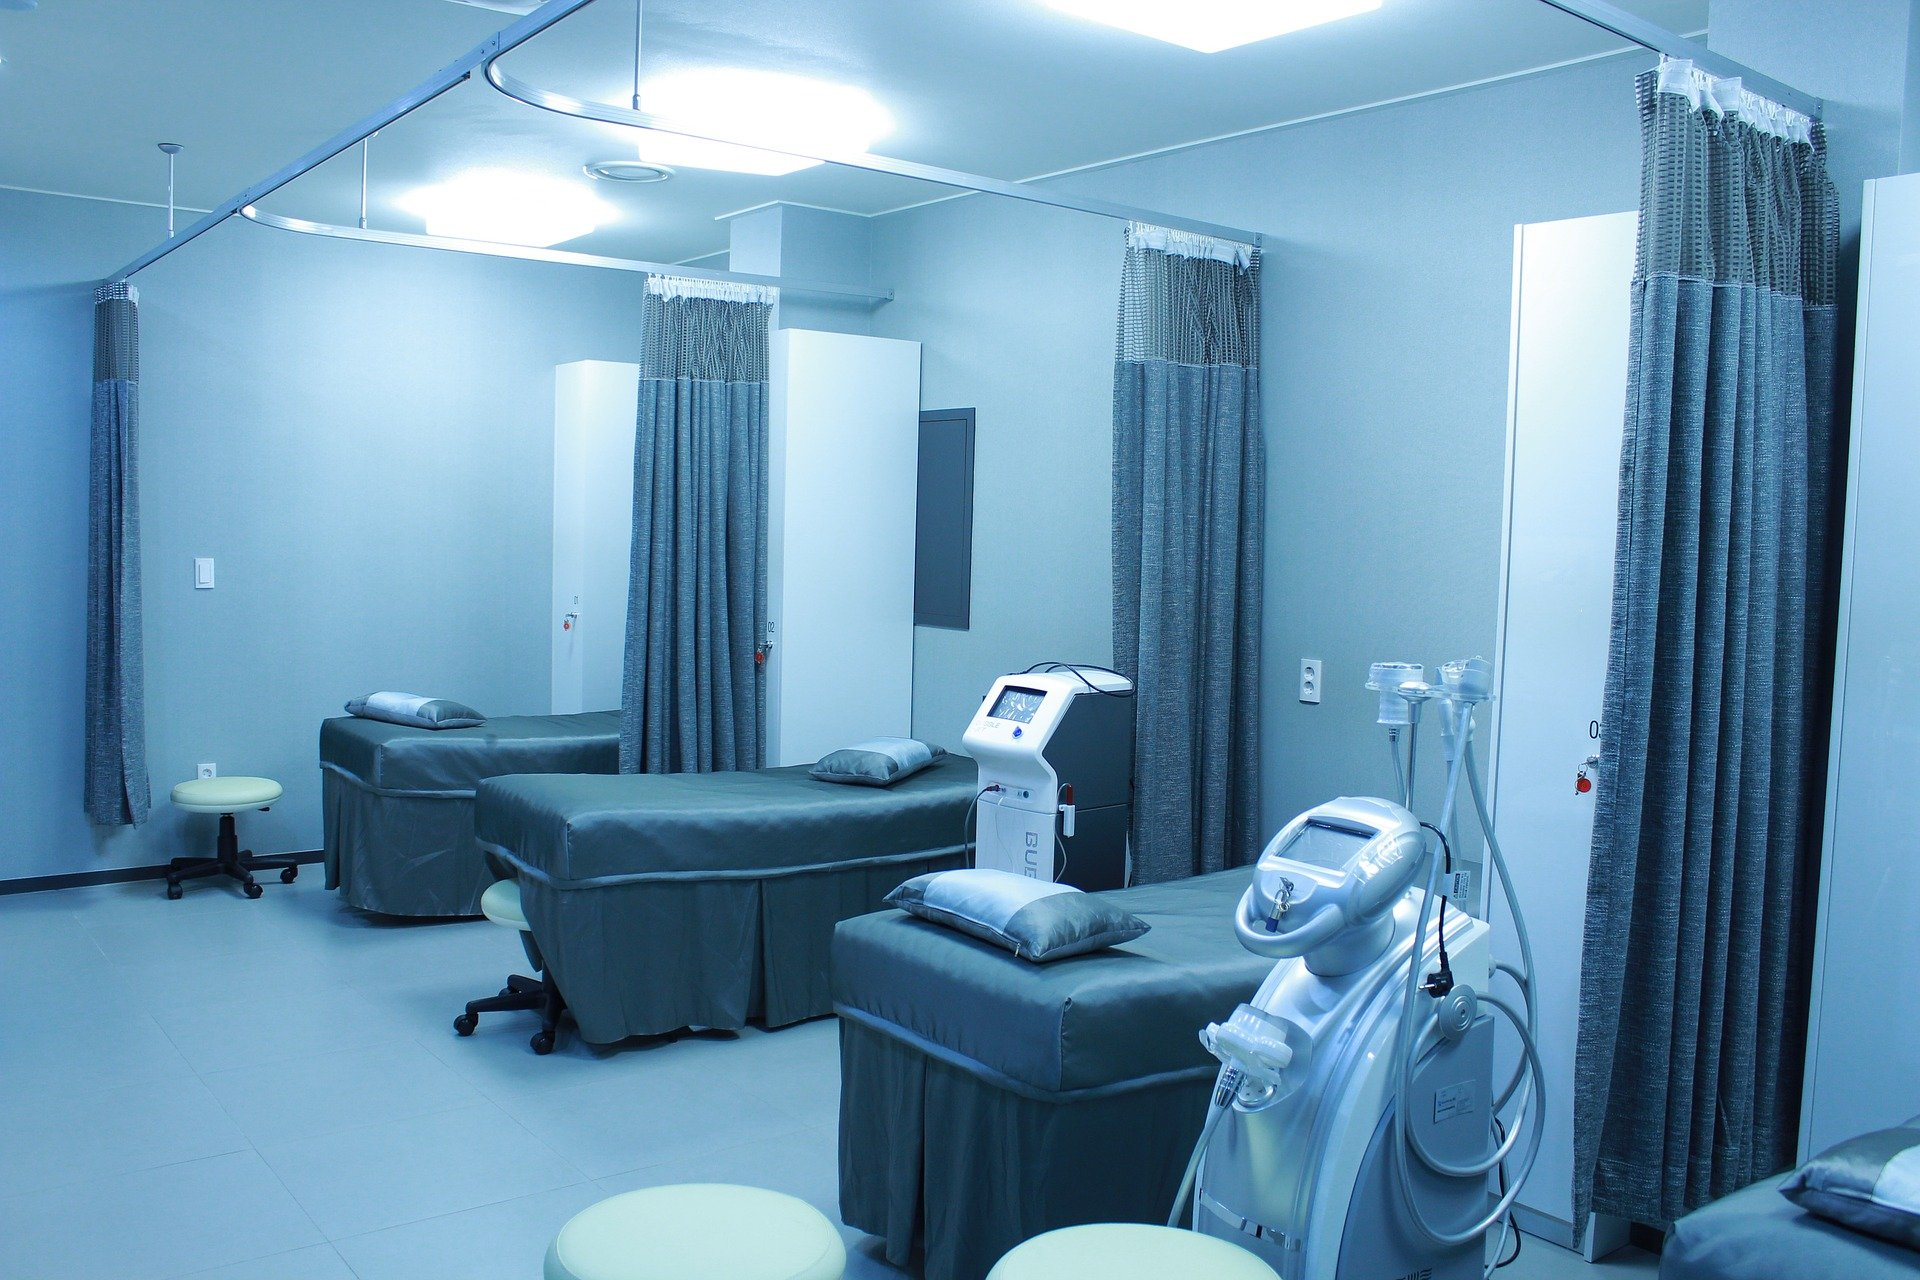 Są dodatkowe łóżka respiratorowe w Słupsku. Kiedy w innych szpitalach?